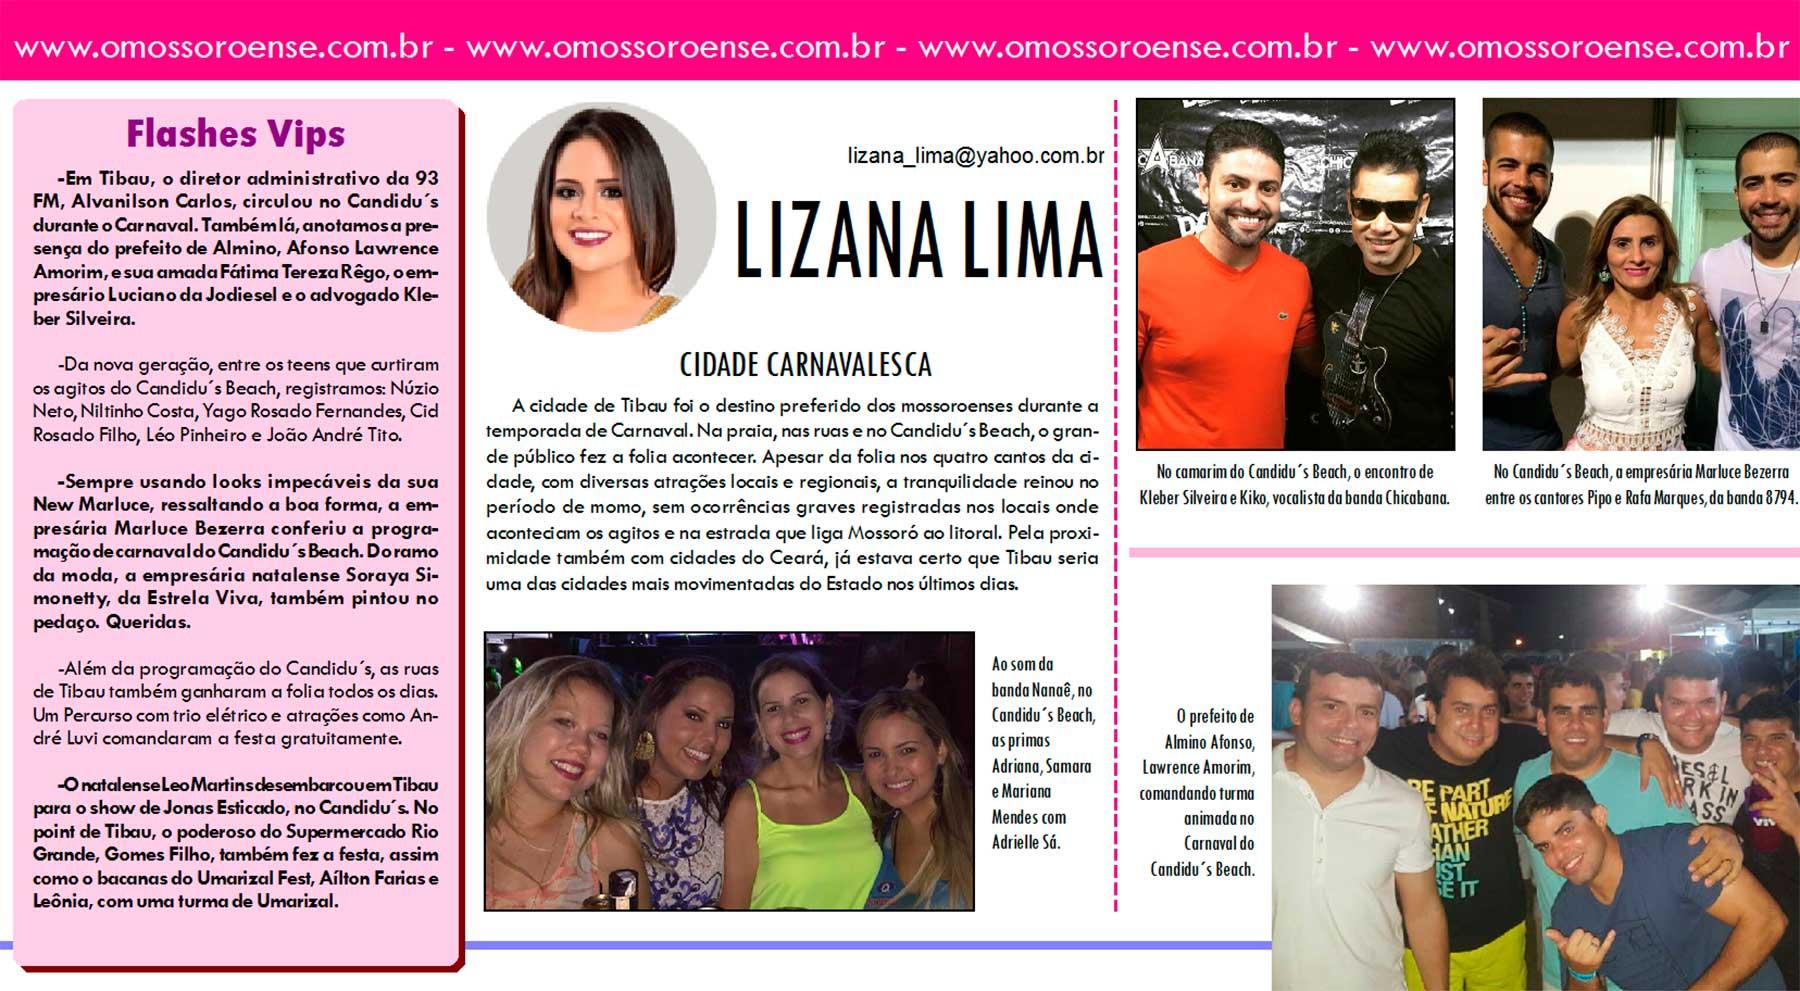 LIZANA-LIMA-11-02-16